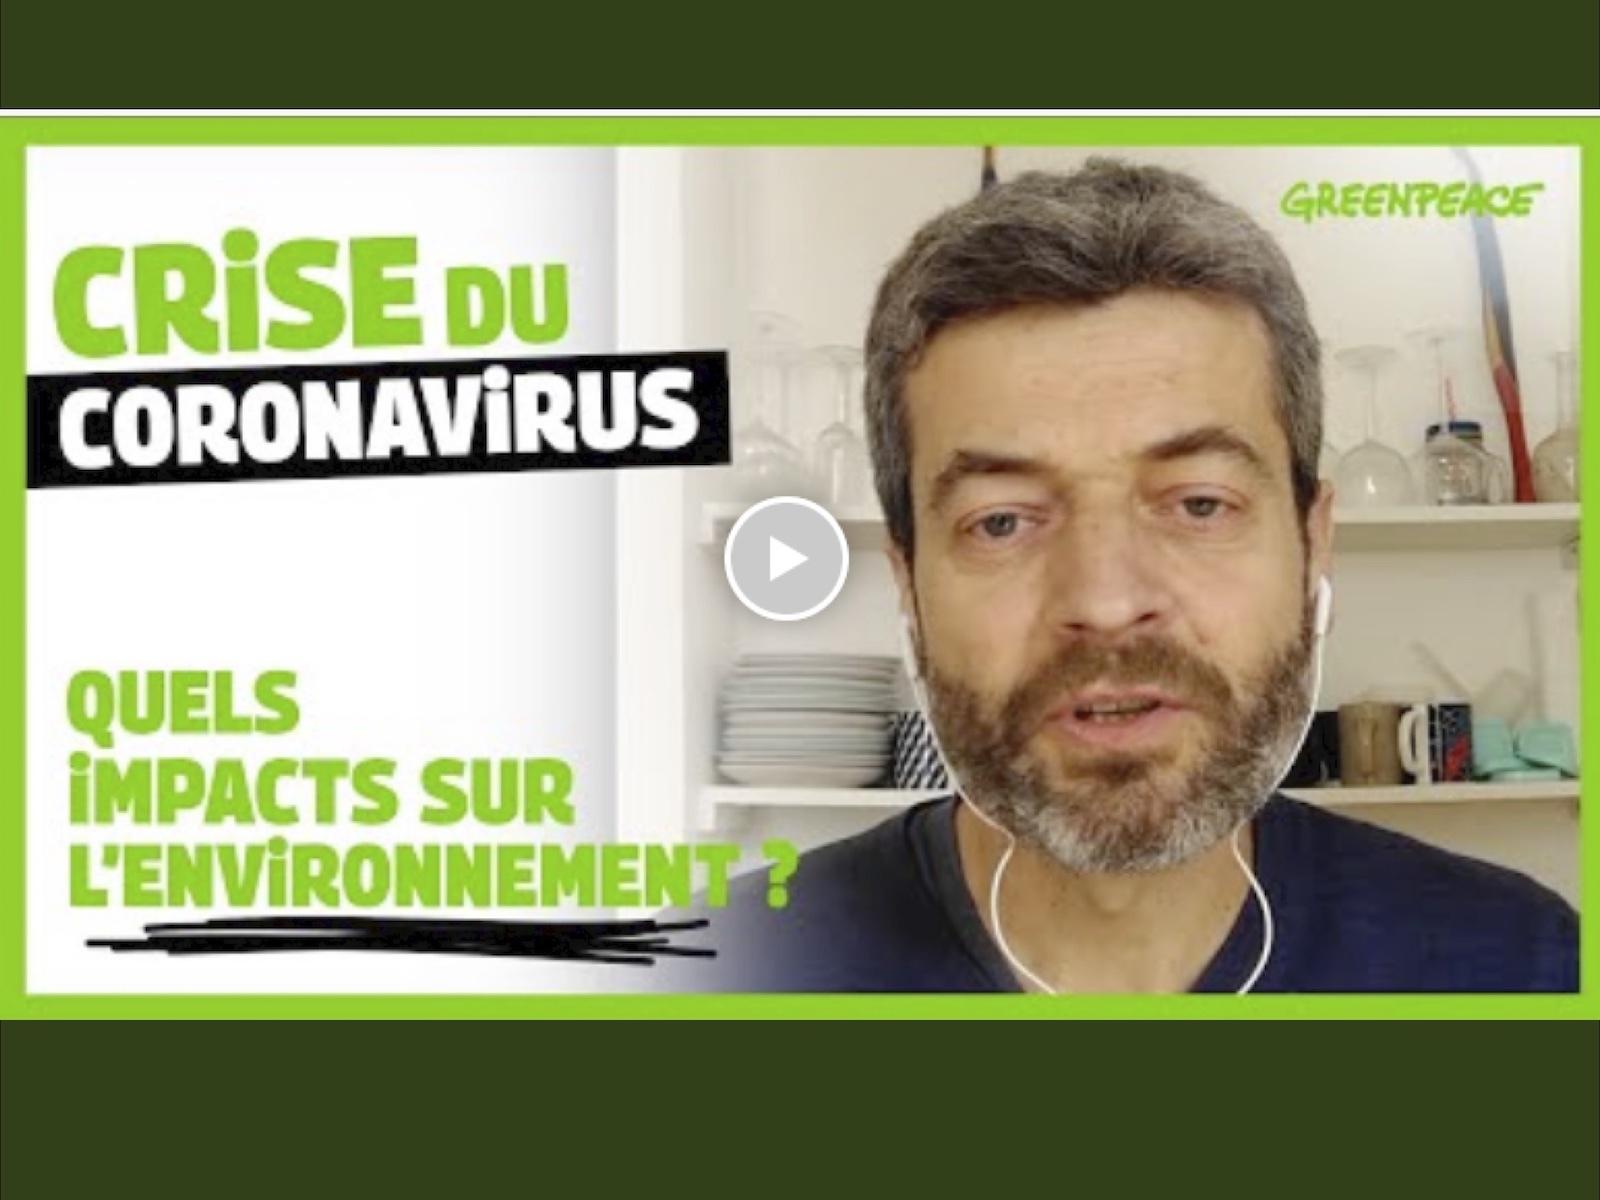 Crise du coronavirus : quels impacts sur l'environnement ?